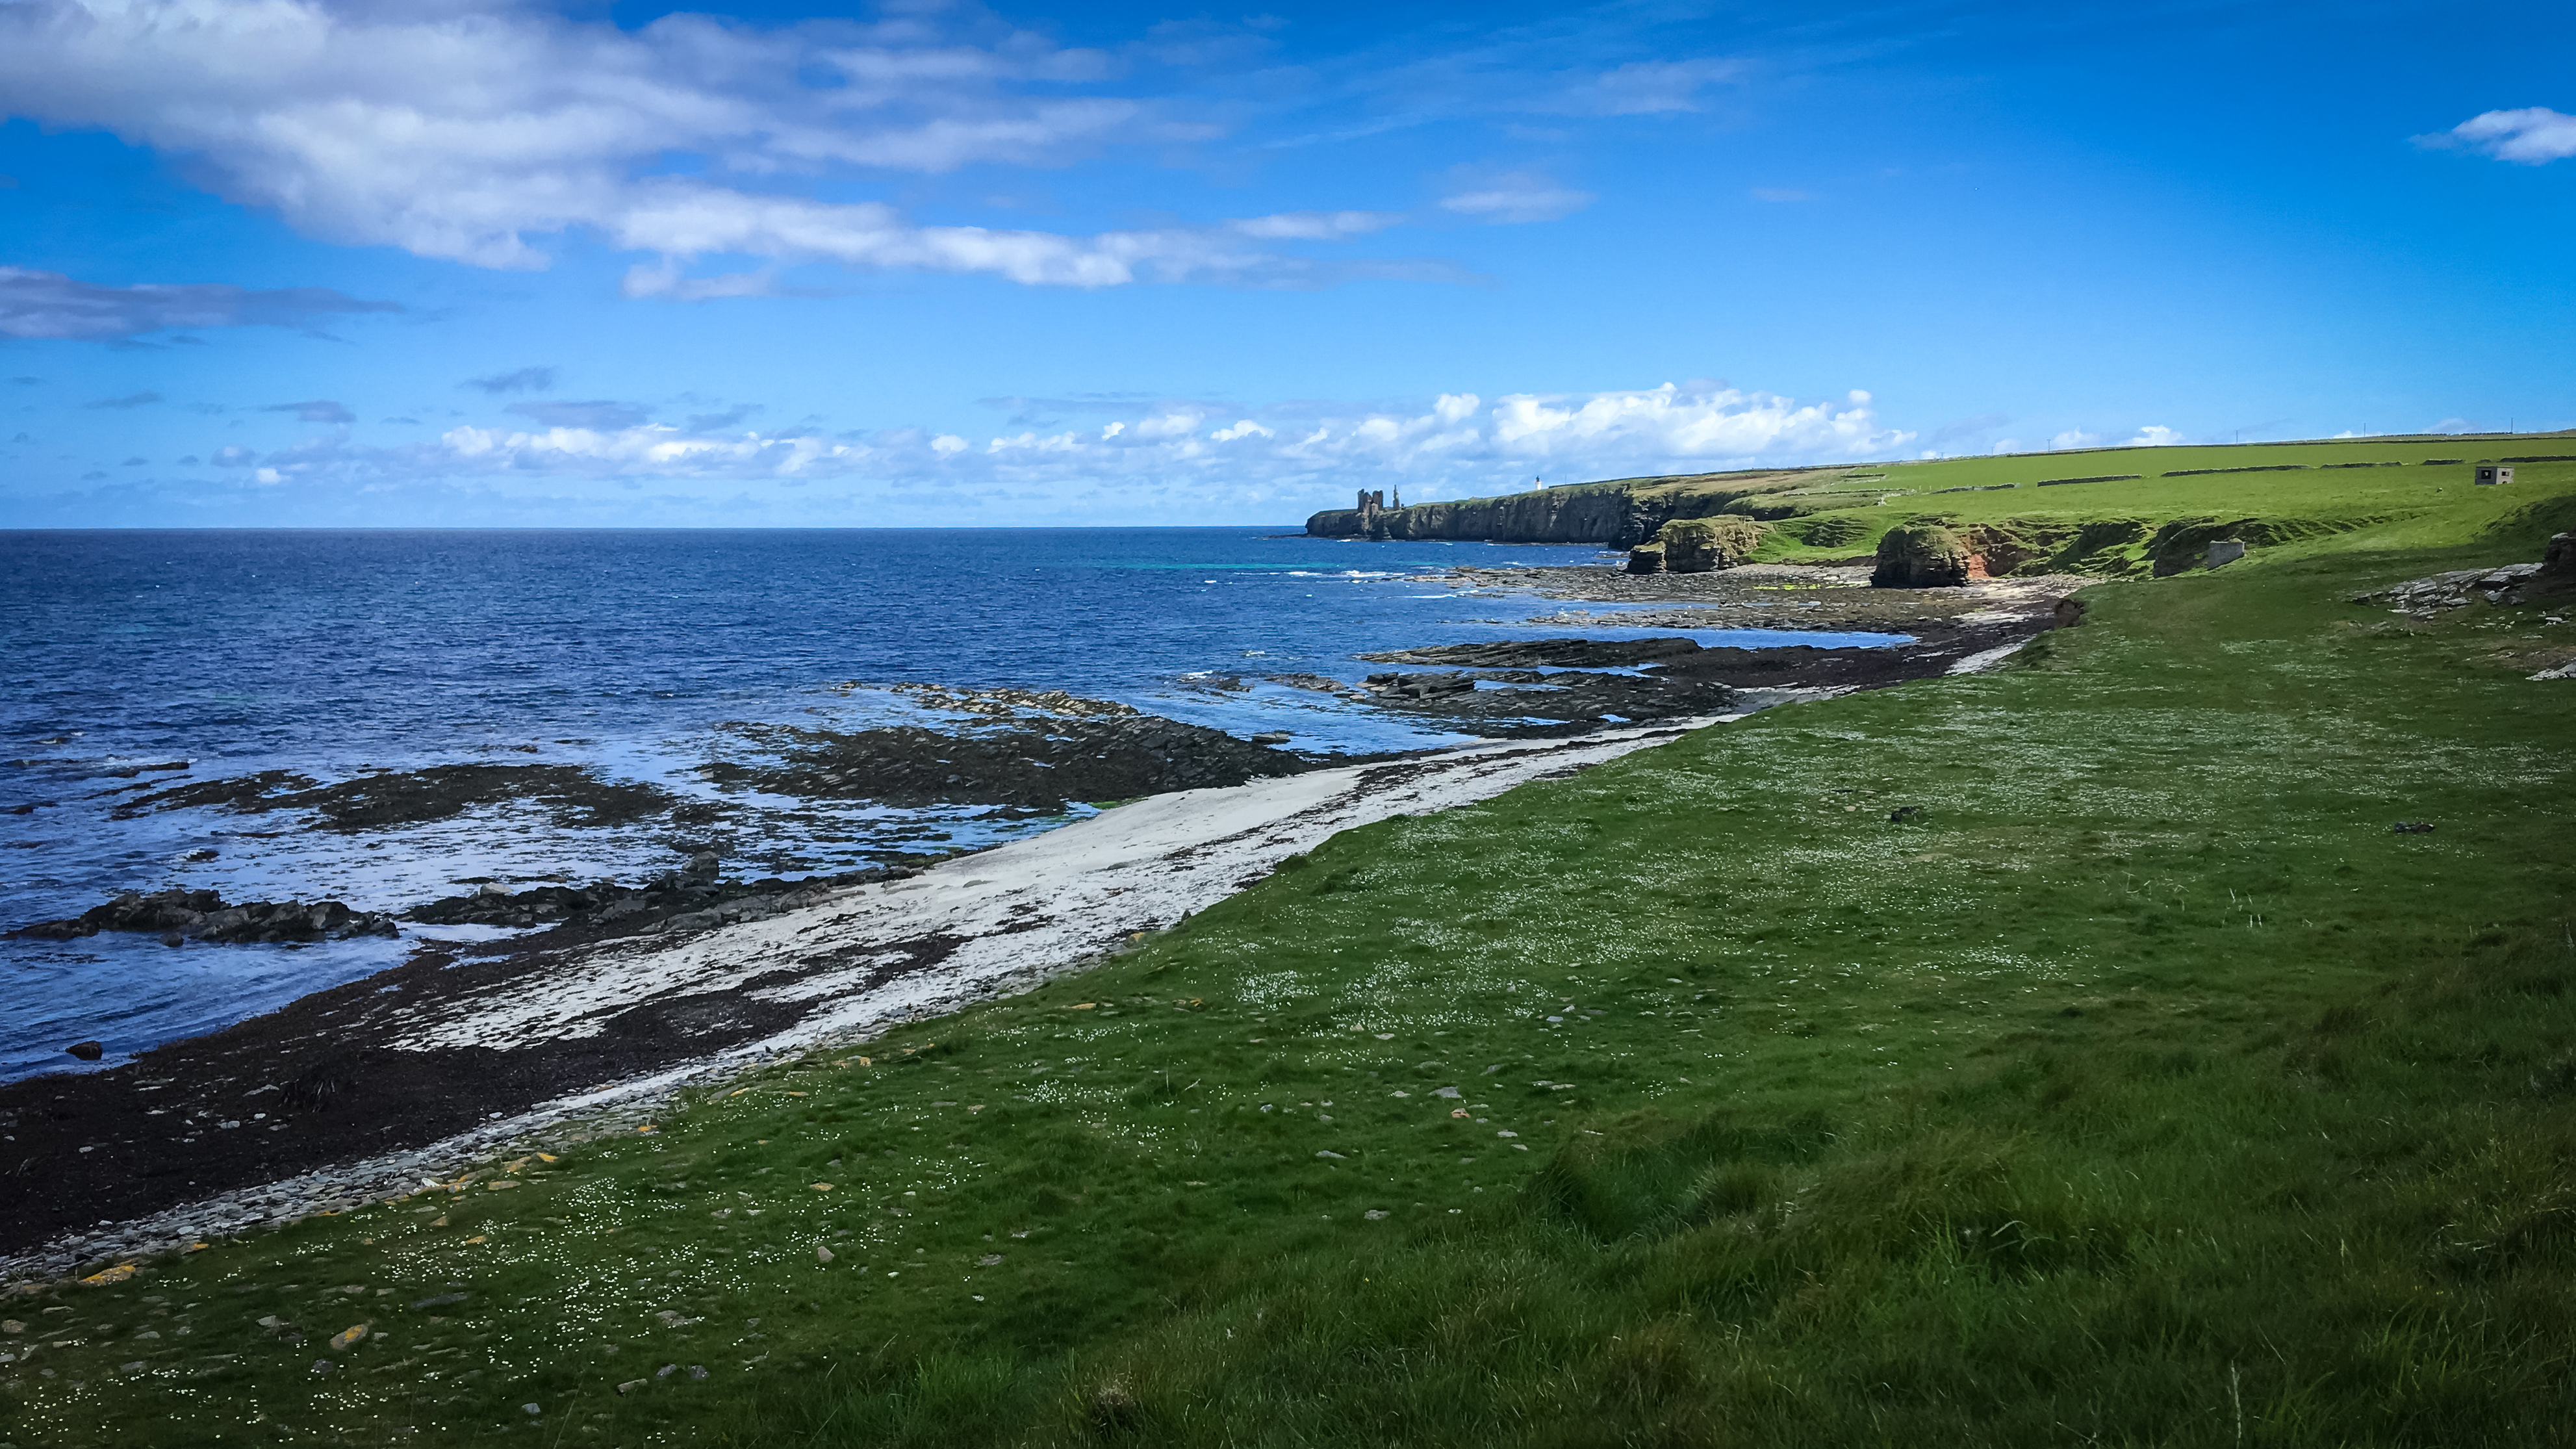 Klippenlandschaft am Meer mit Burgruine Sinclair und Leuchtturm